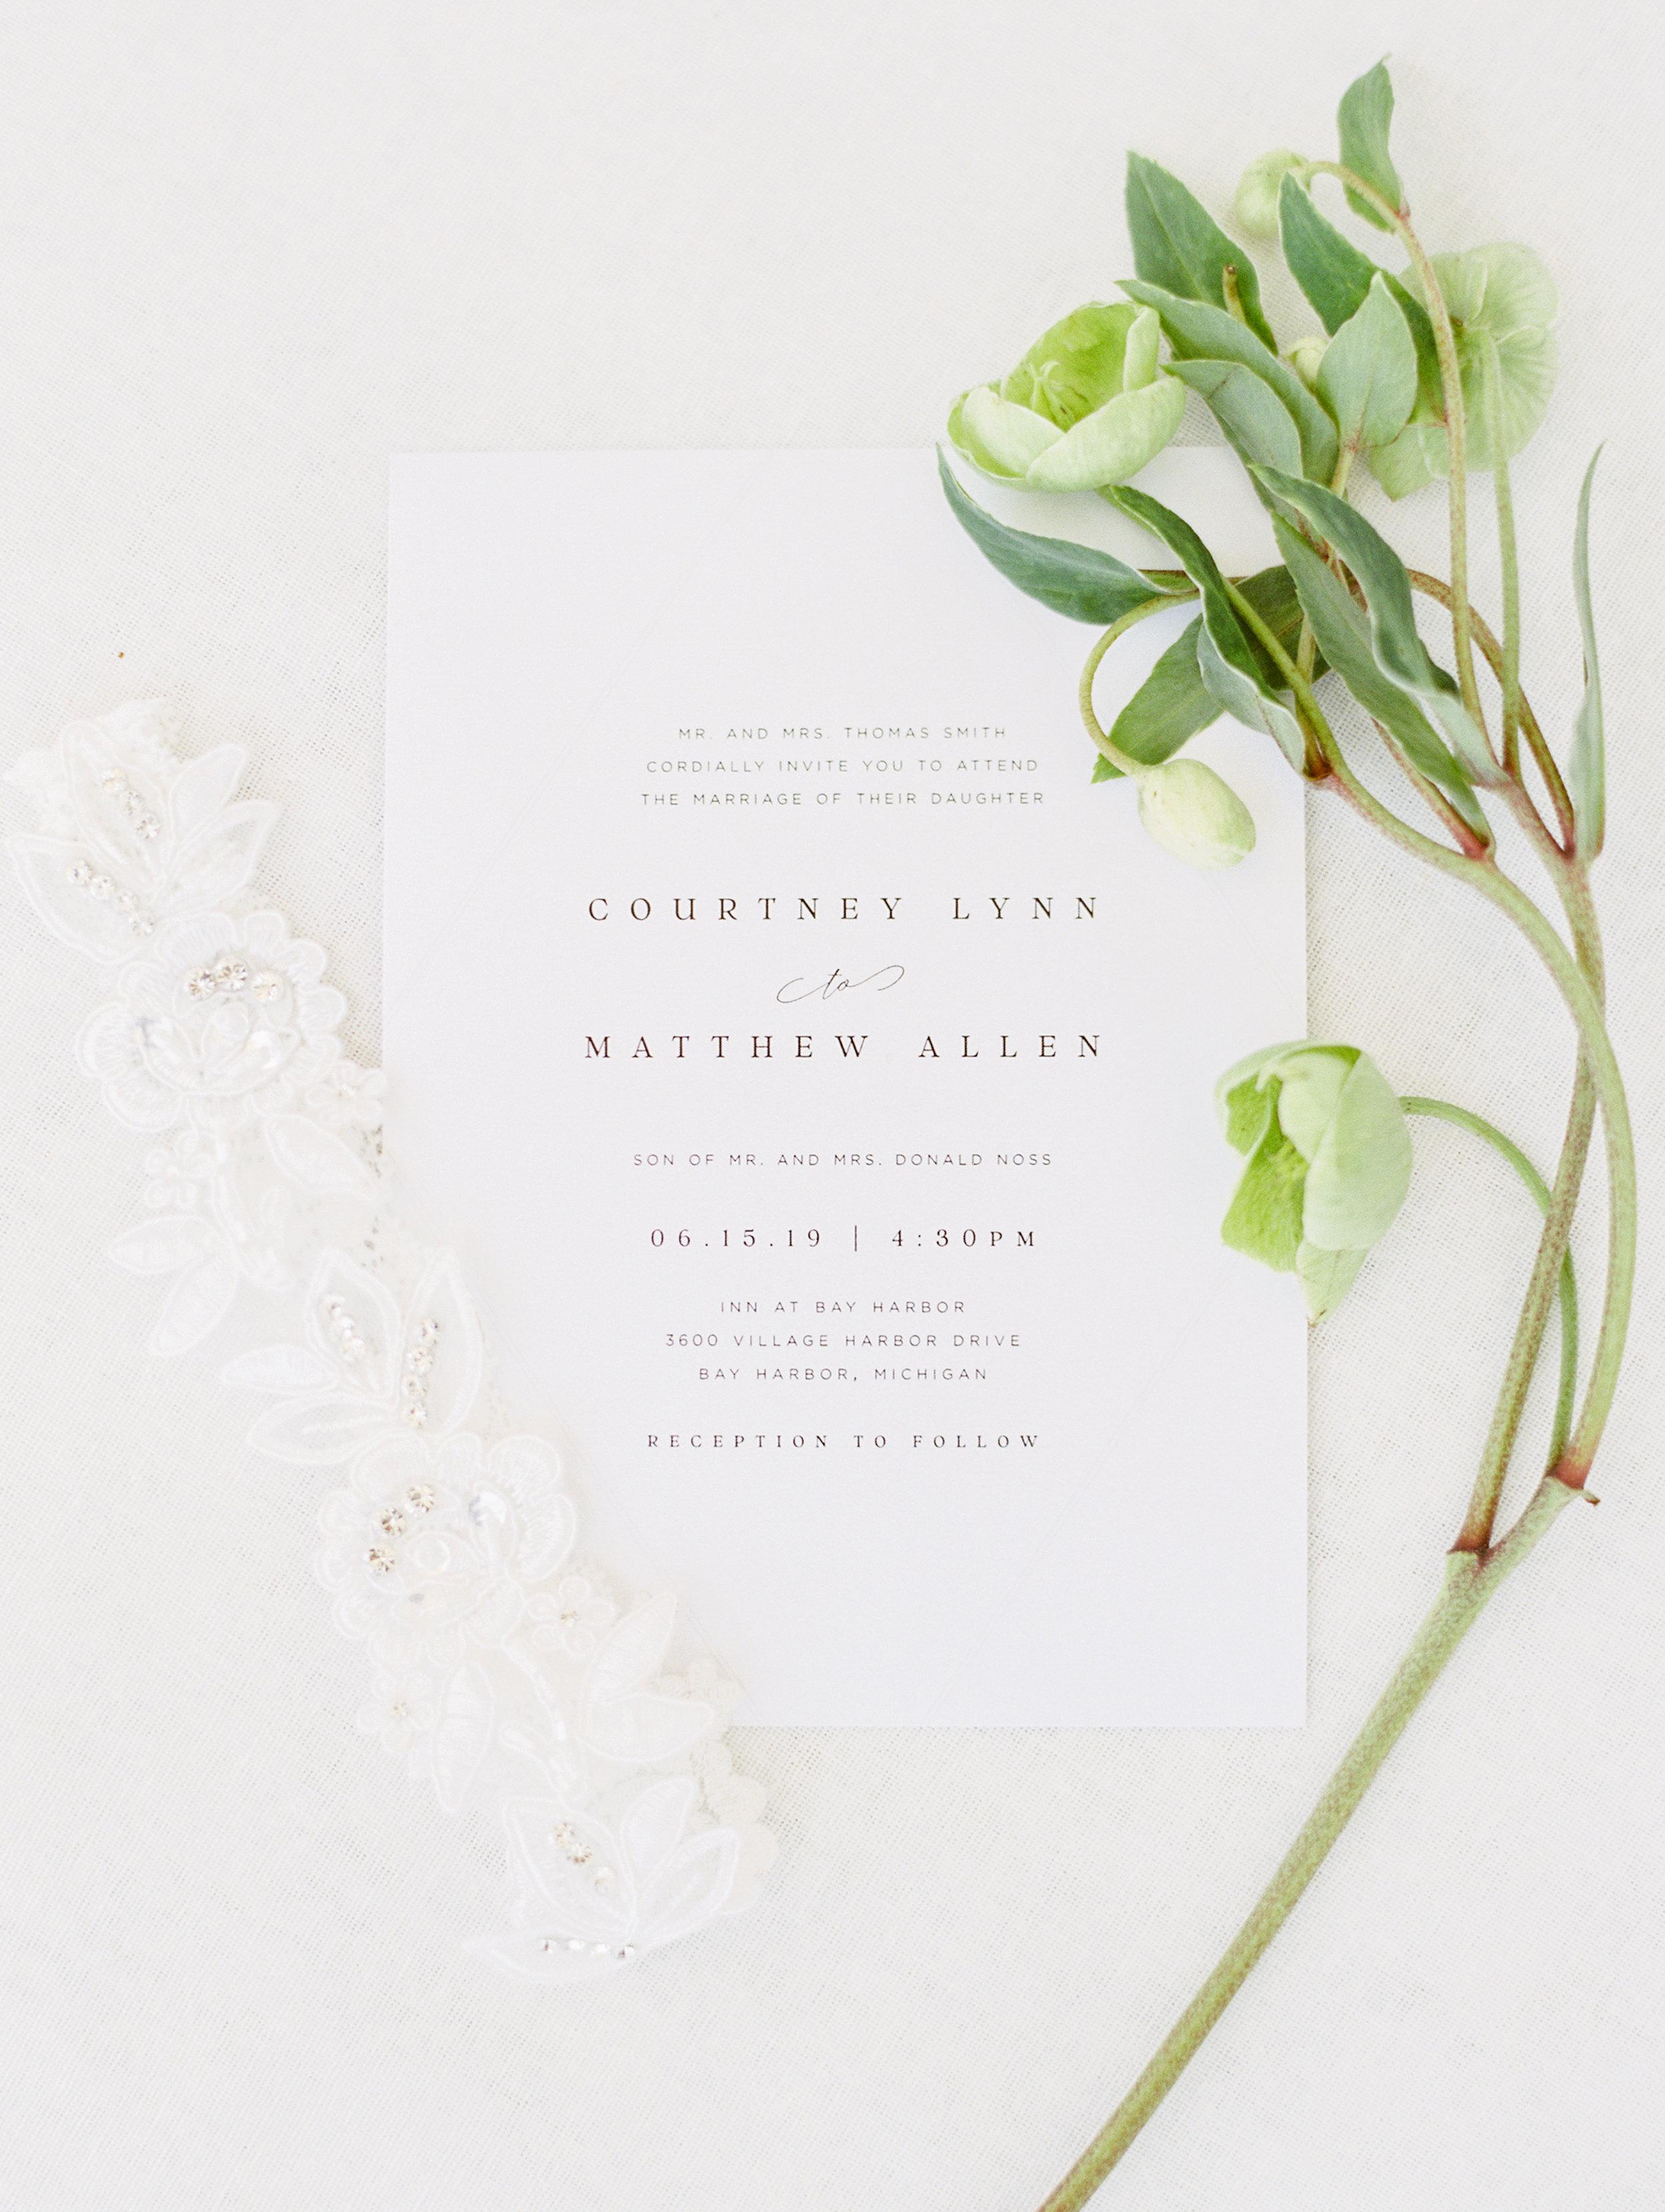 Noss+Wedding+Details-70.jpg